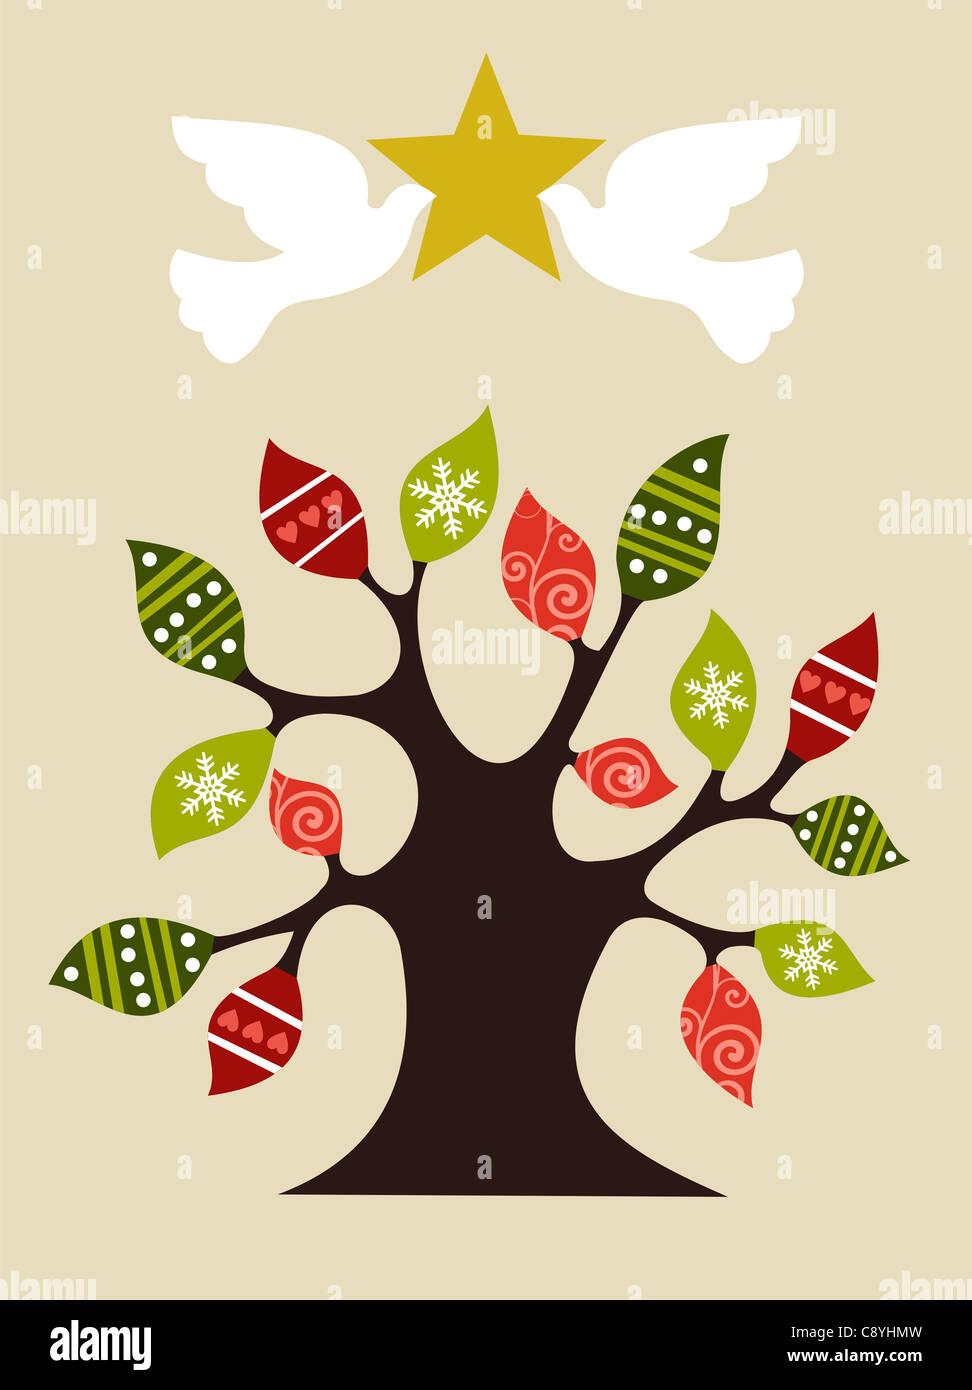 Árbol de navidad con ritmo palomas sosteniendo y brillante estrella dorada en la parte superior. Archivo vectorial Imagen De Stock